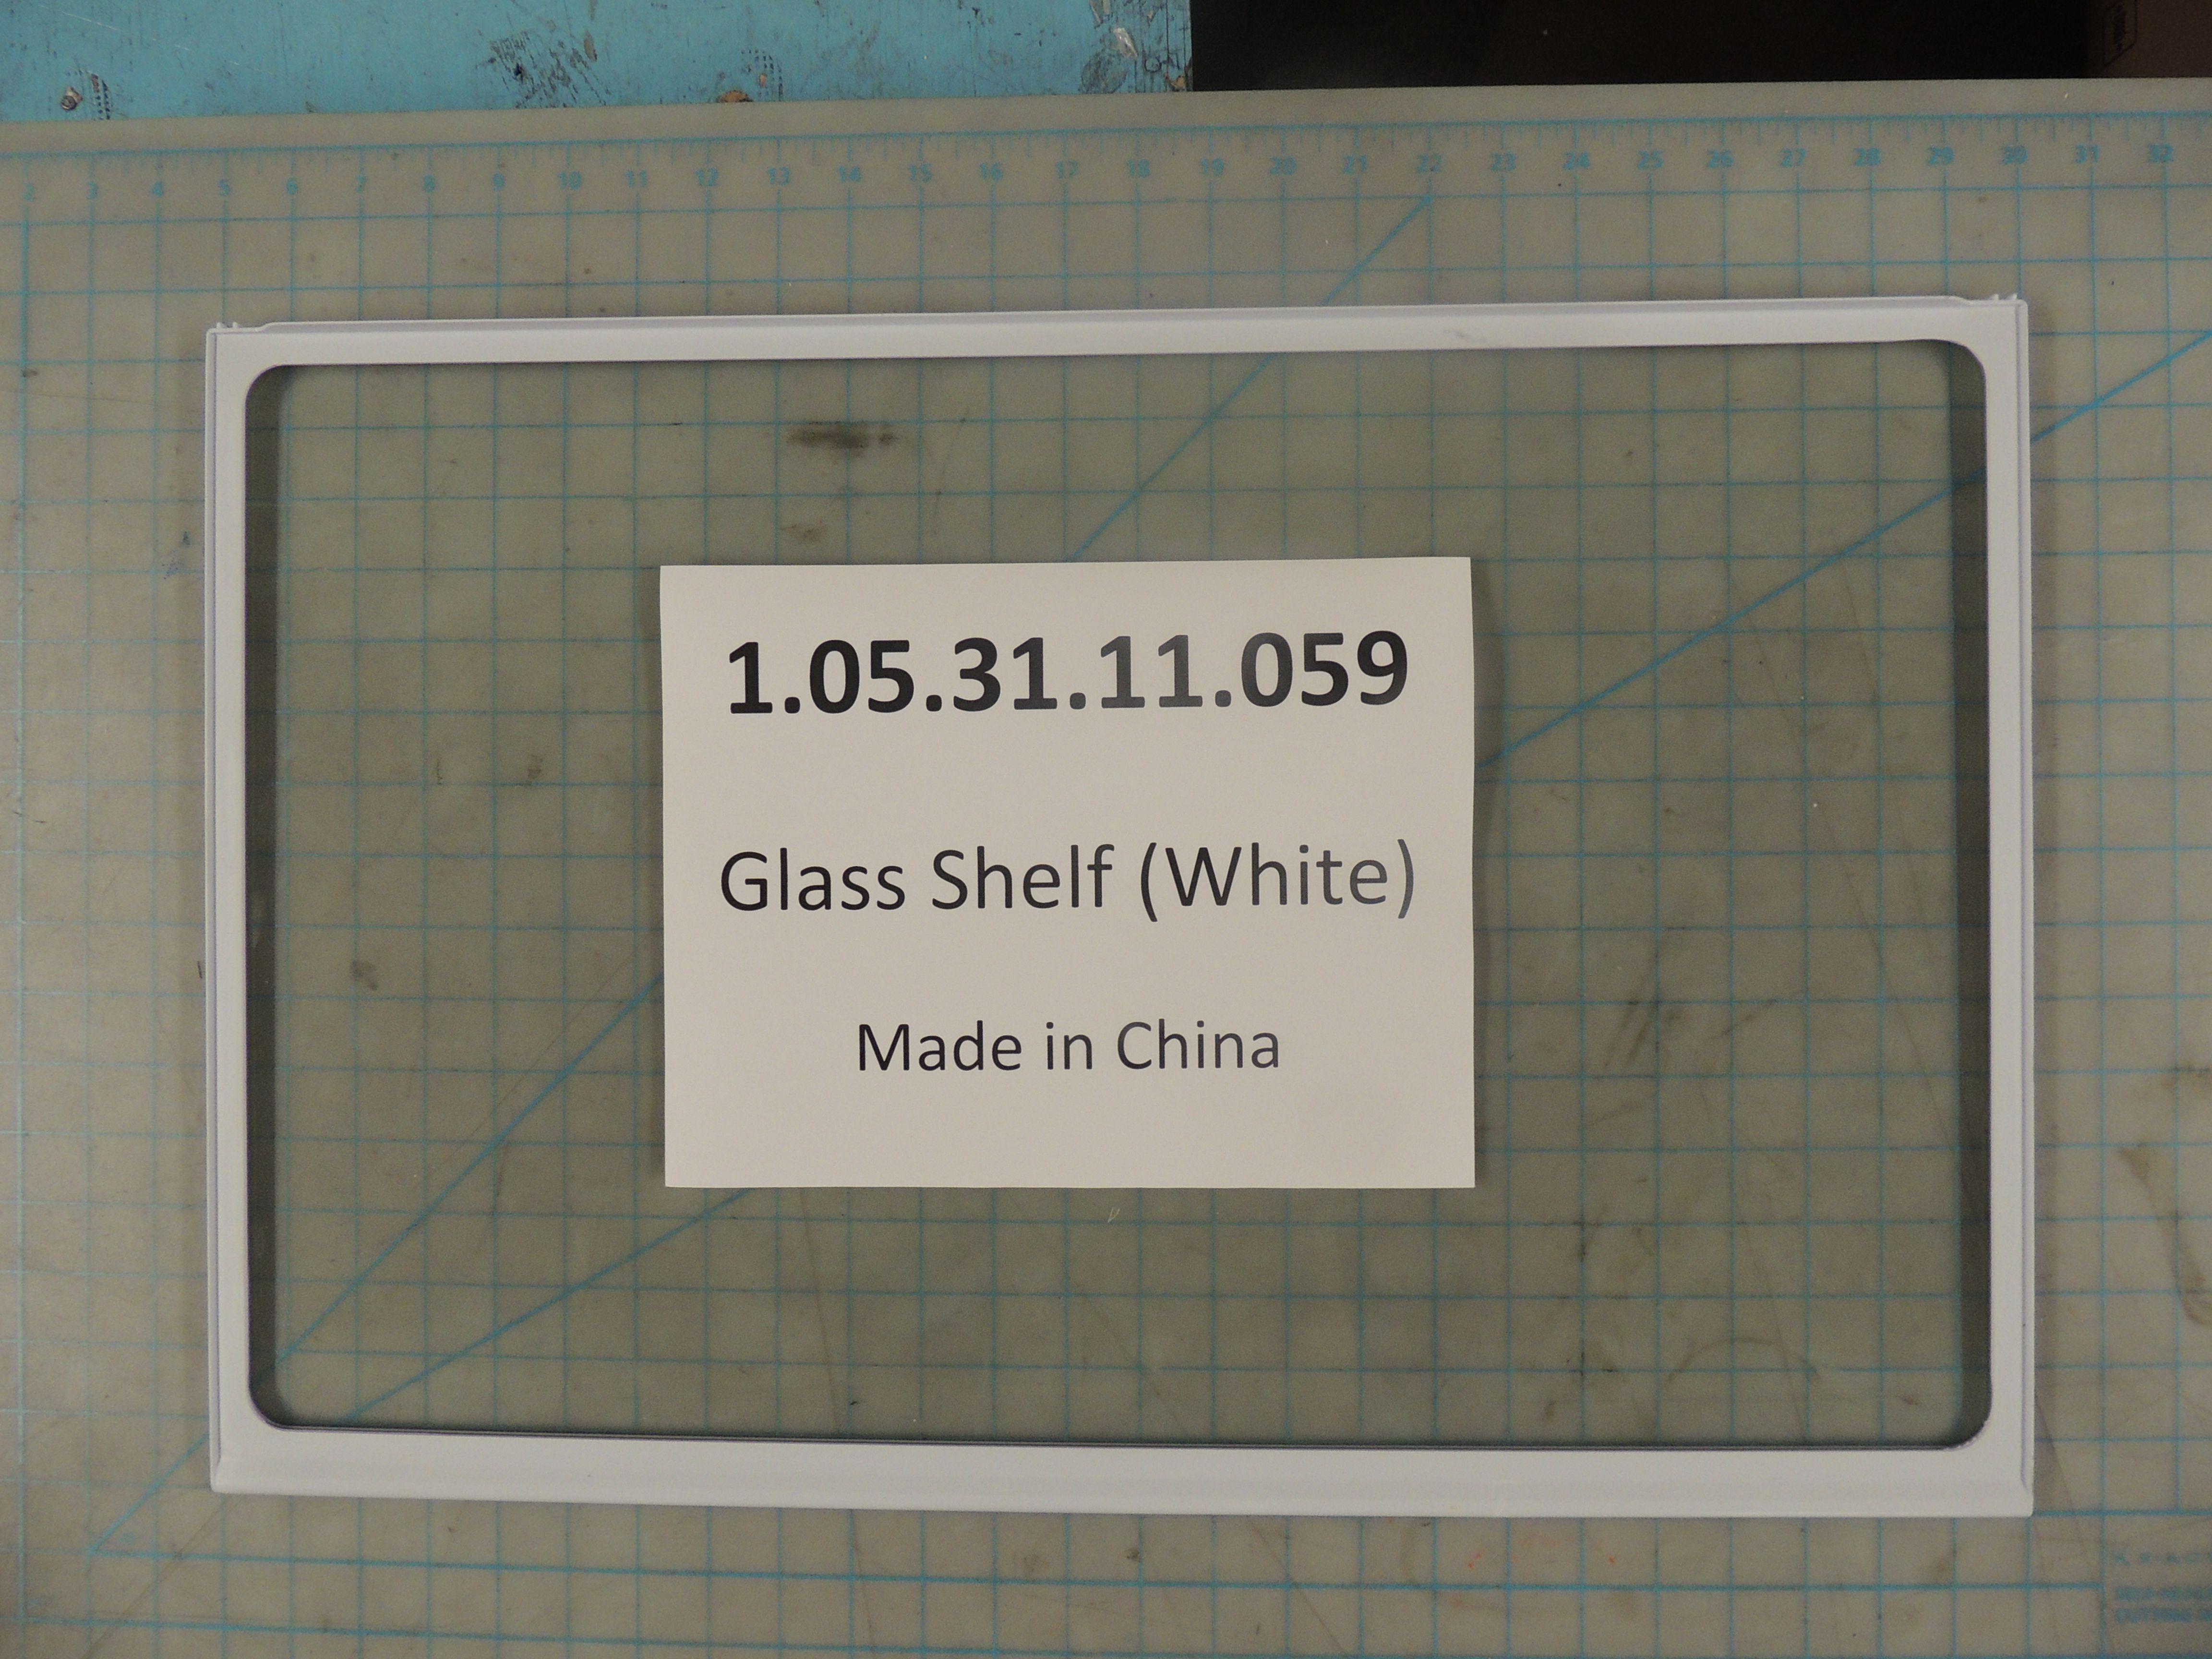 Glass Shelf (White)